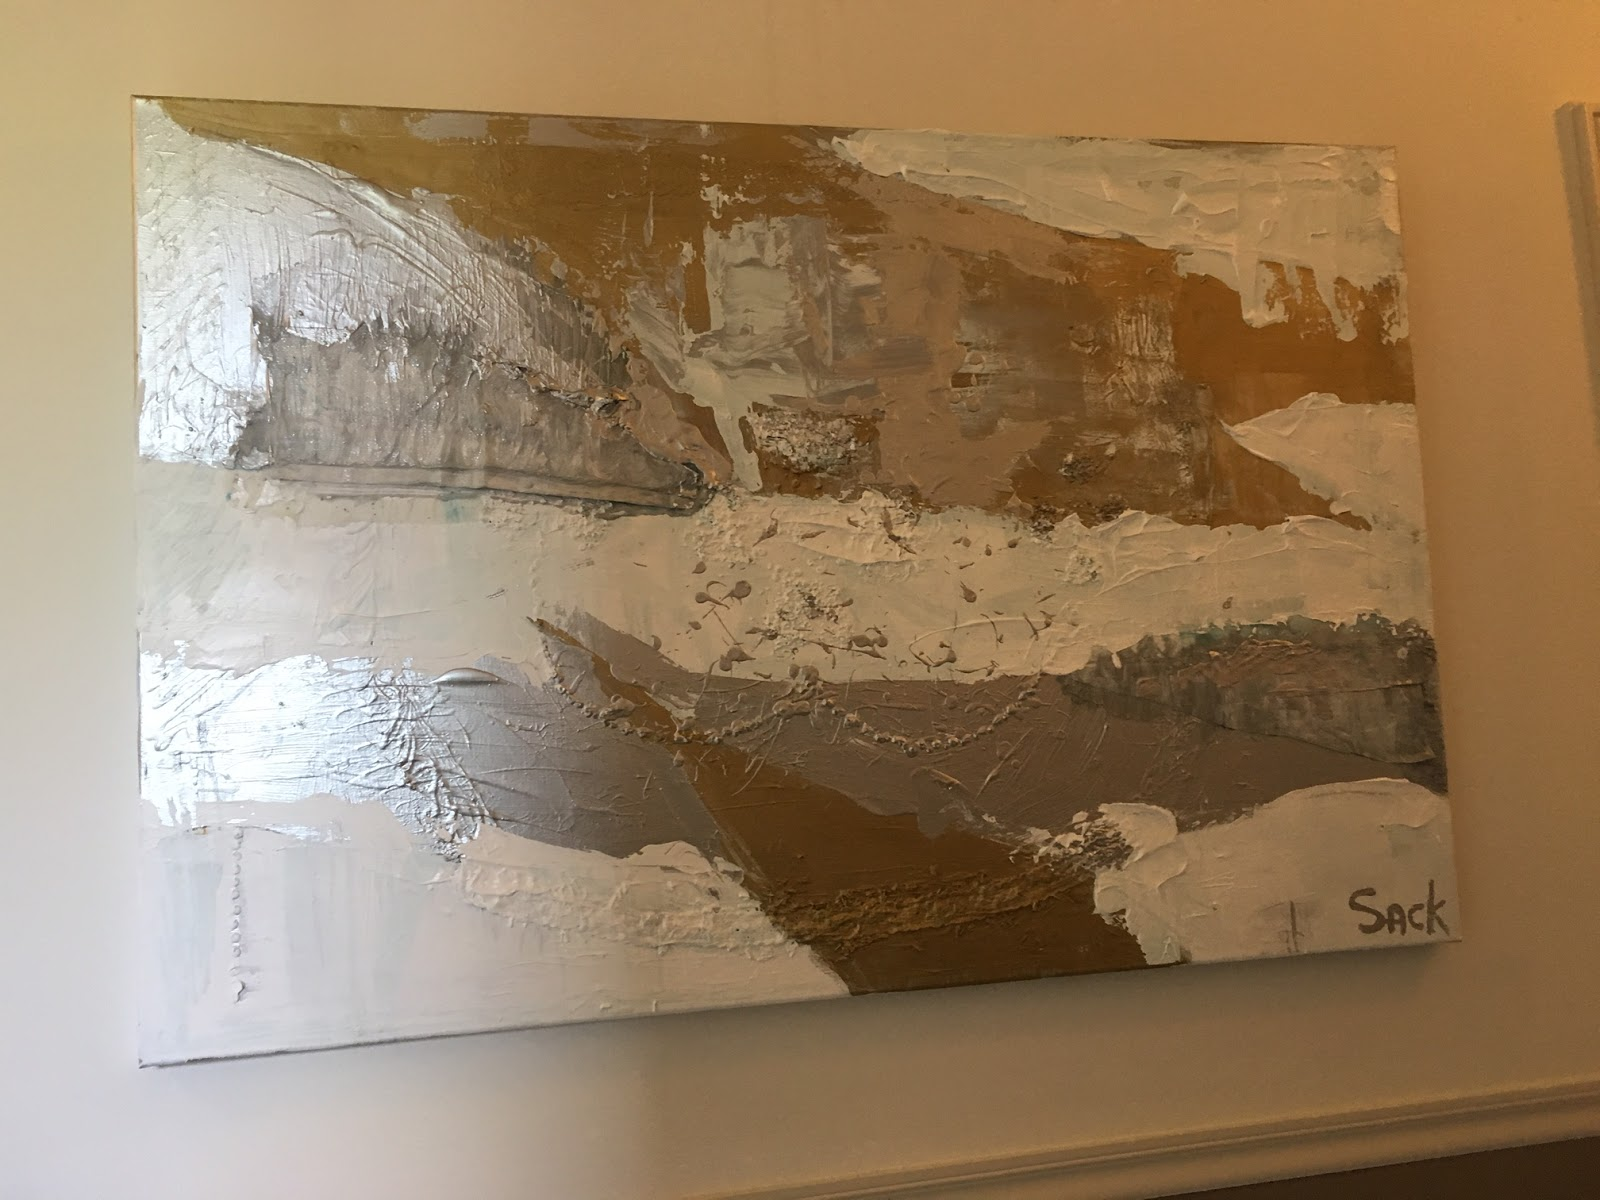 Vaak Abstracte schilderijen   sack atelier &QL27